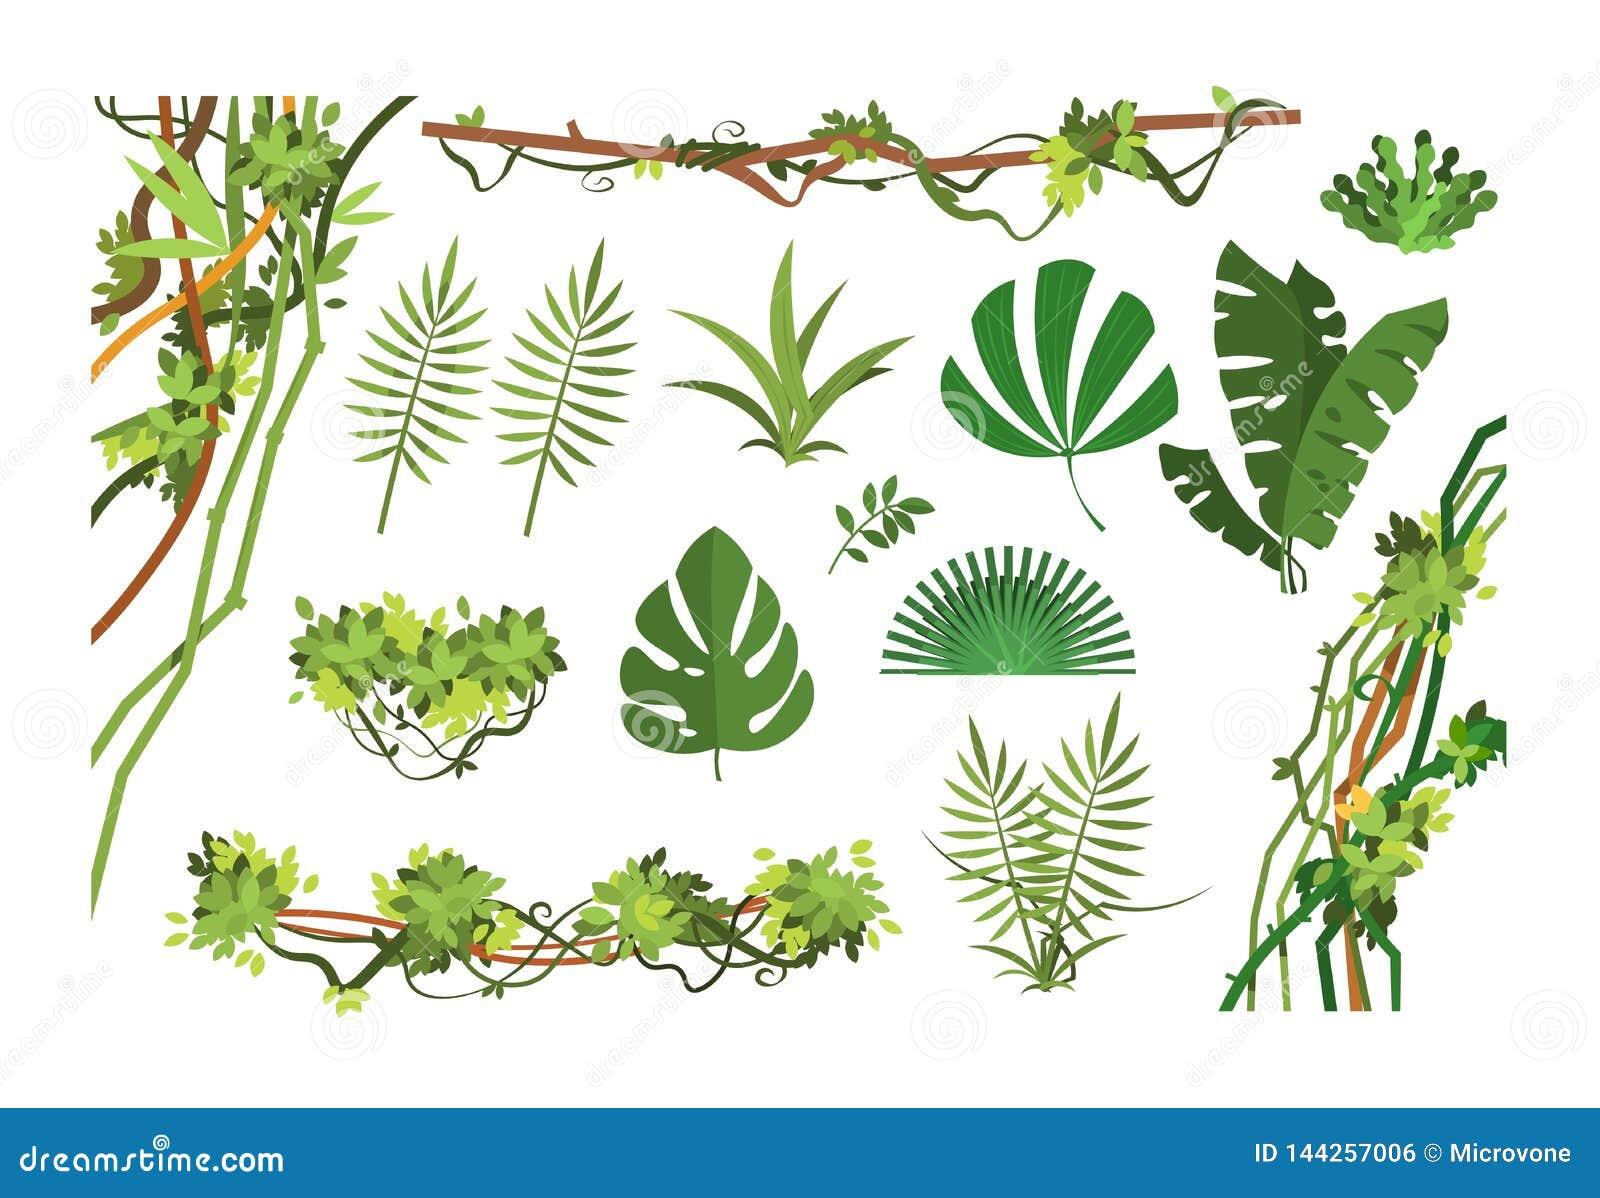 Vigne De Jungle Feuilles De Forêt Tropicale De Bande